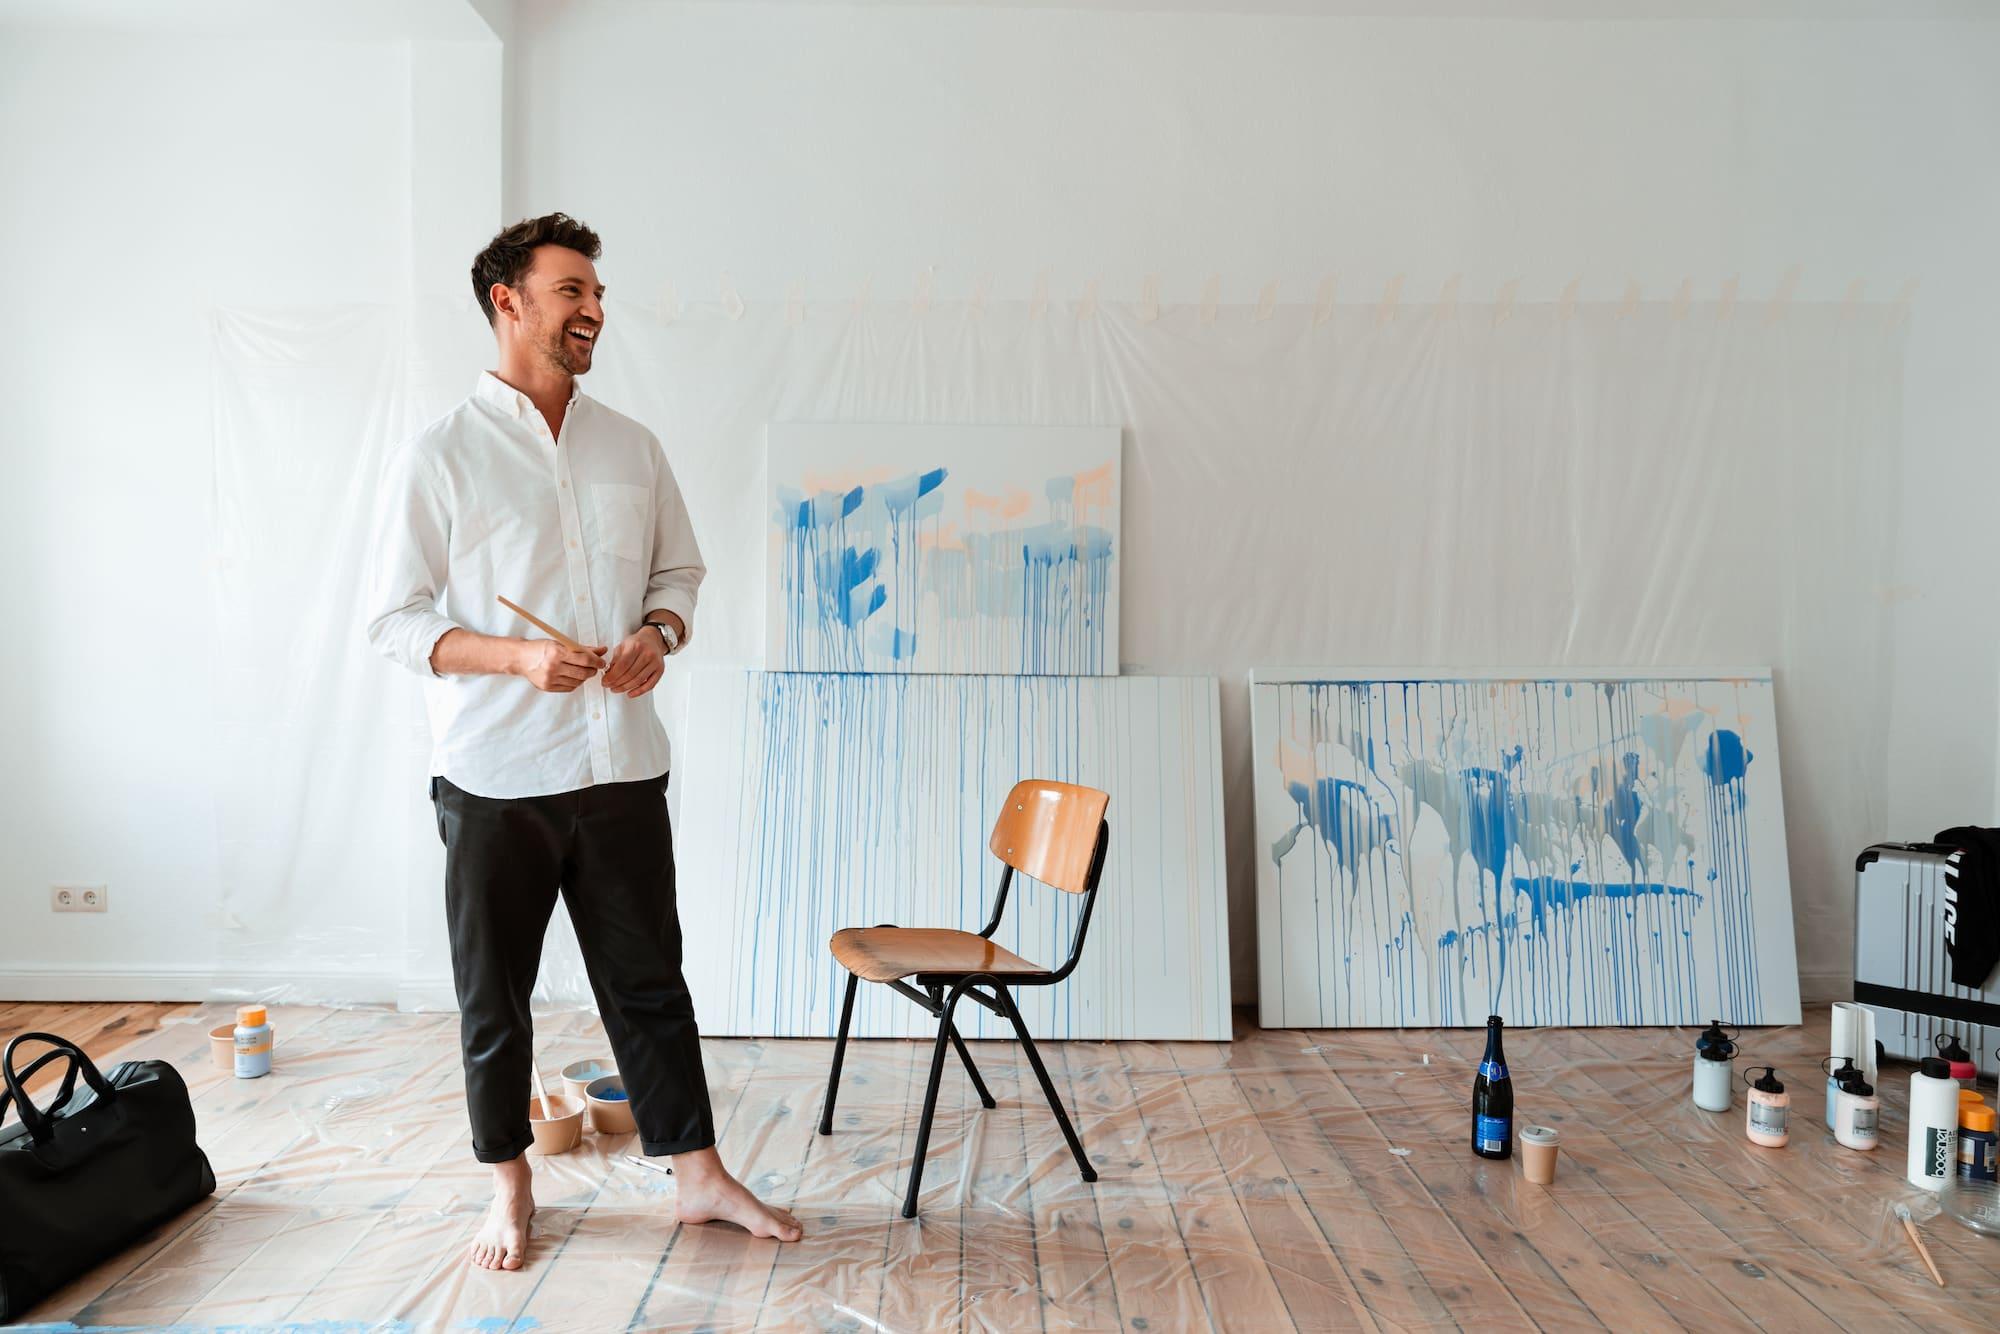 Inspiring Clash mit Paul Schrader: Vom erfolgreichen Juristen zum gefragten Künstler 2